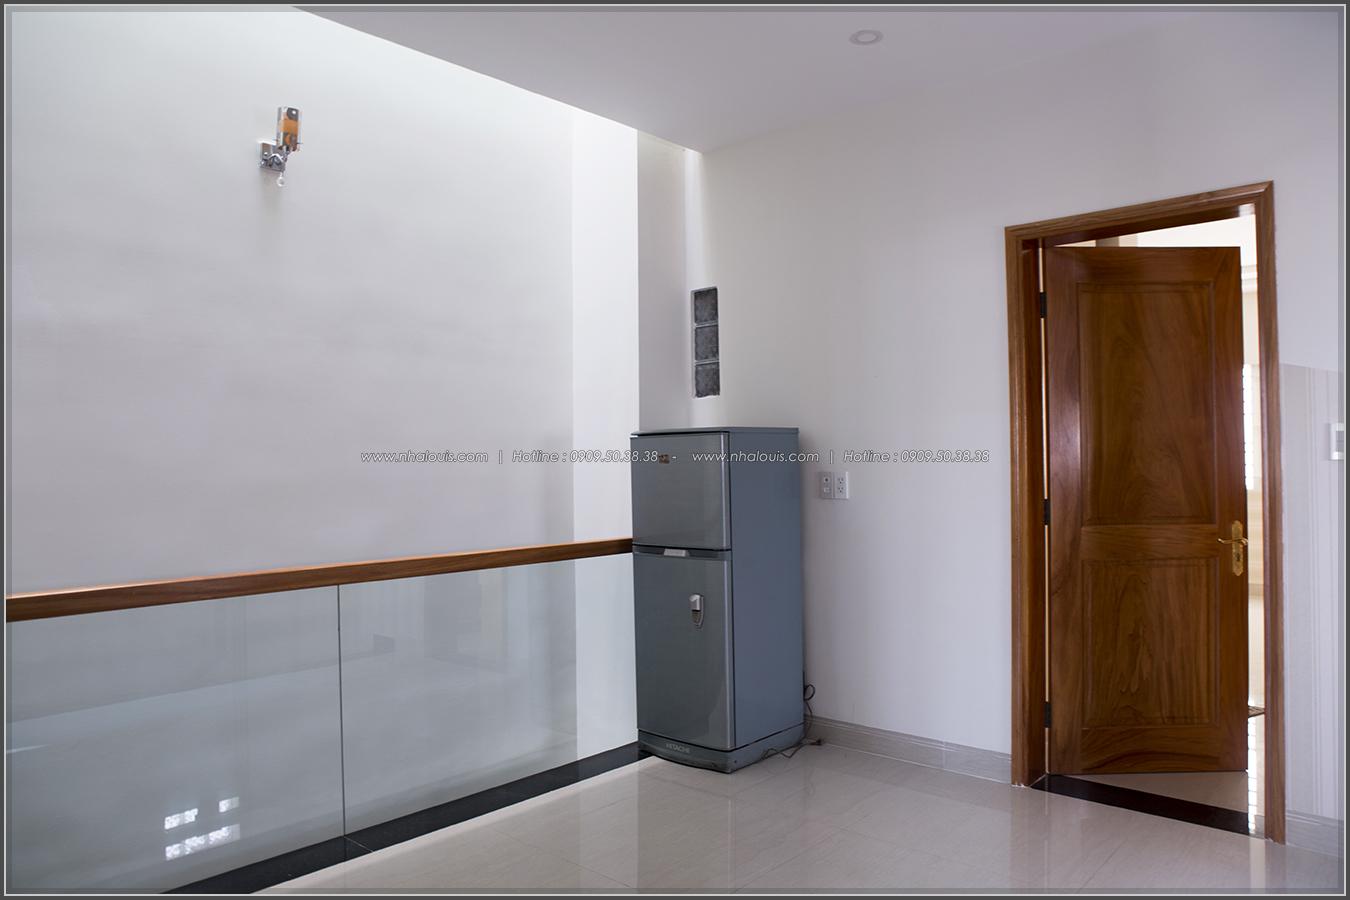 Thi công nhà đẹp 3 tầng mặt tiền 5m kết hợp kinh doanh tại quận 8 - 30